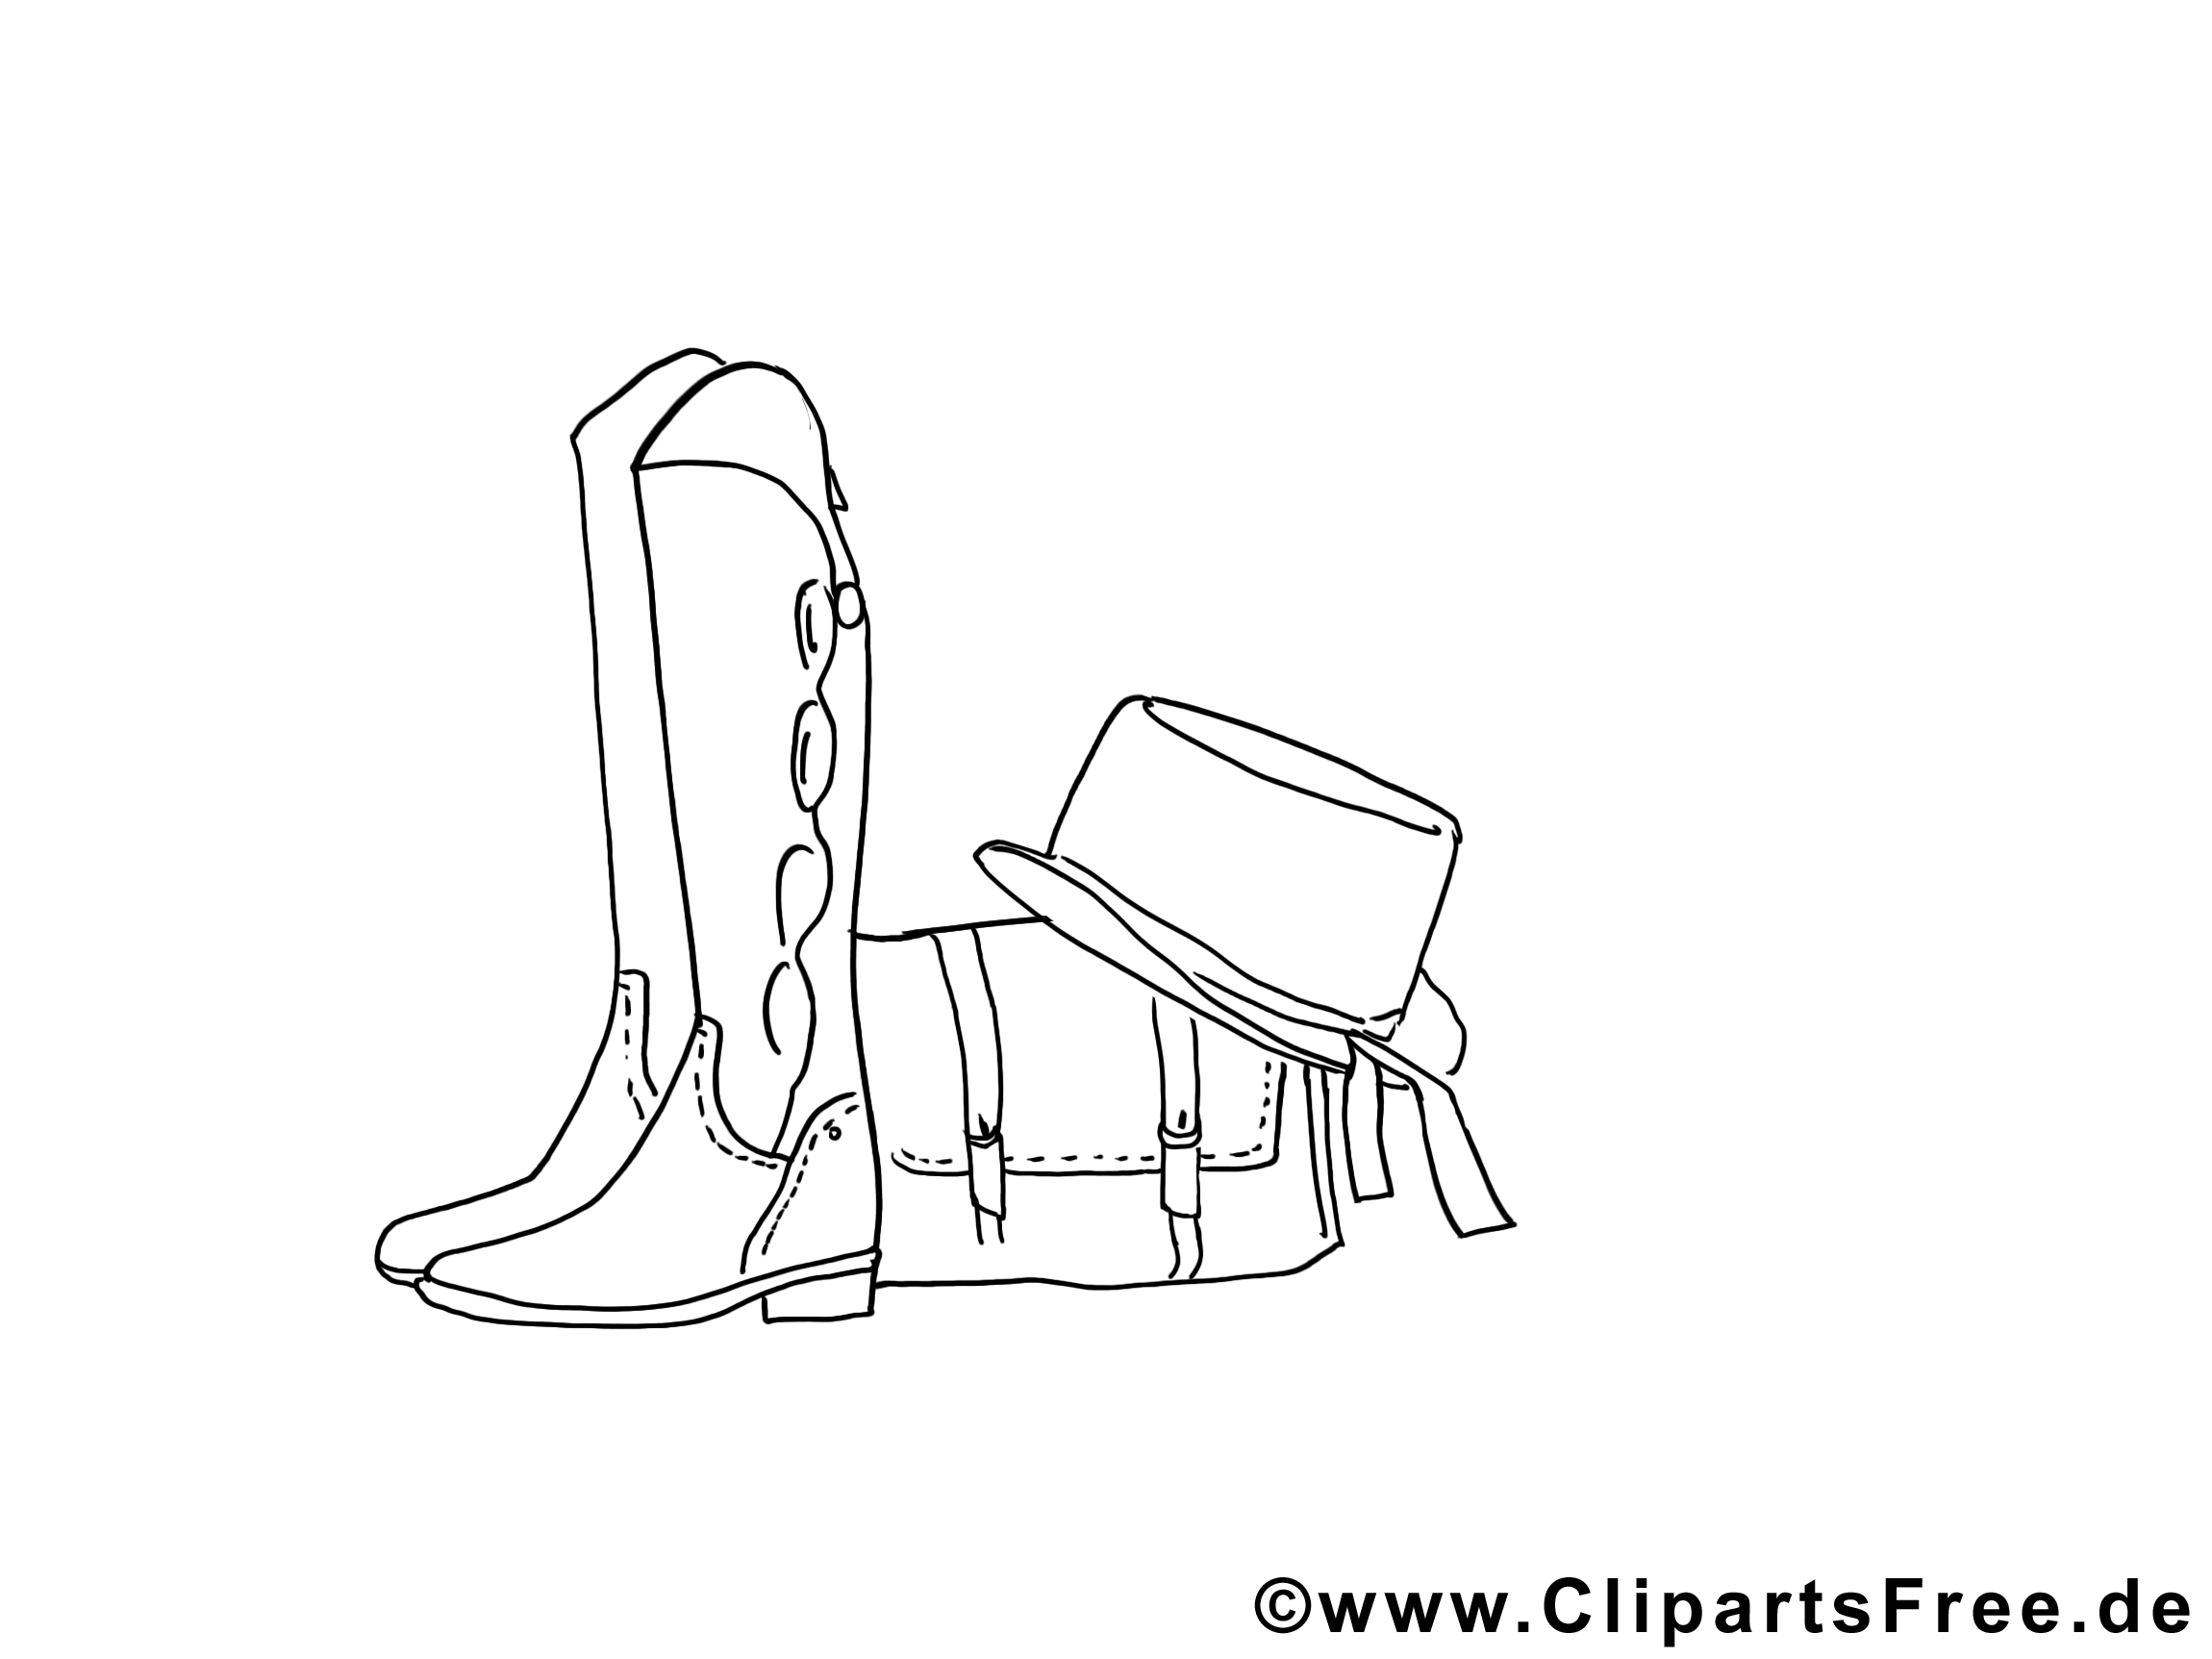 Bilder zum Ausmalen und Drucken Stiefel, Tasche, Hut | Ausmalbilder ...